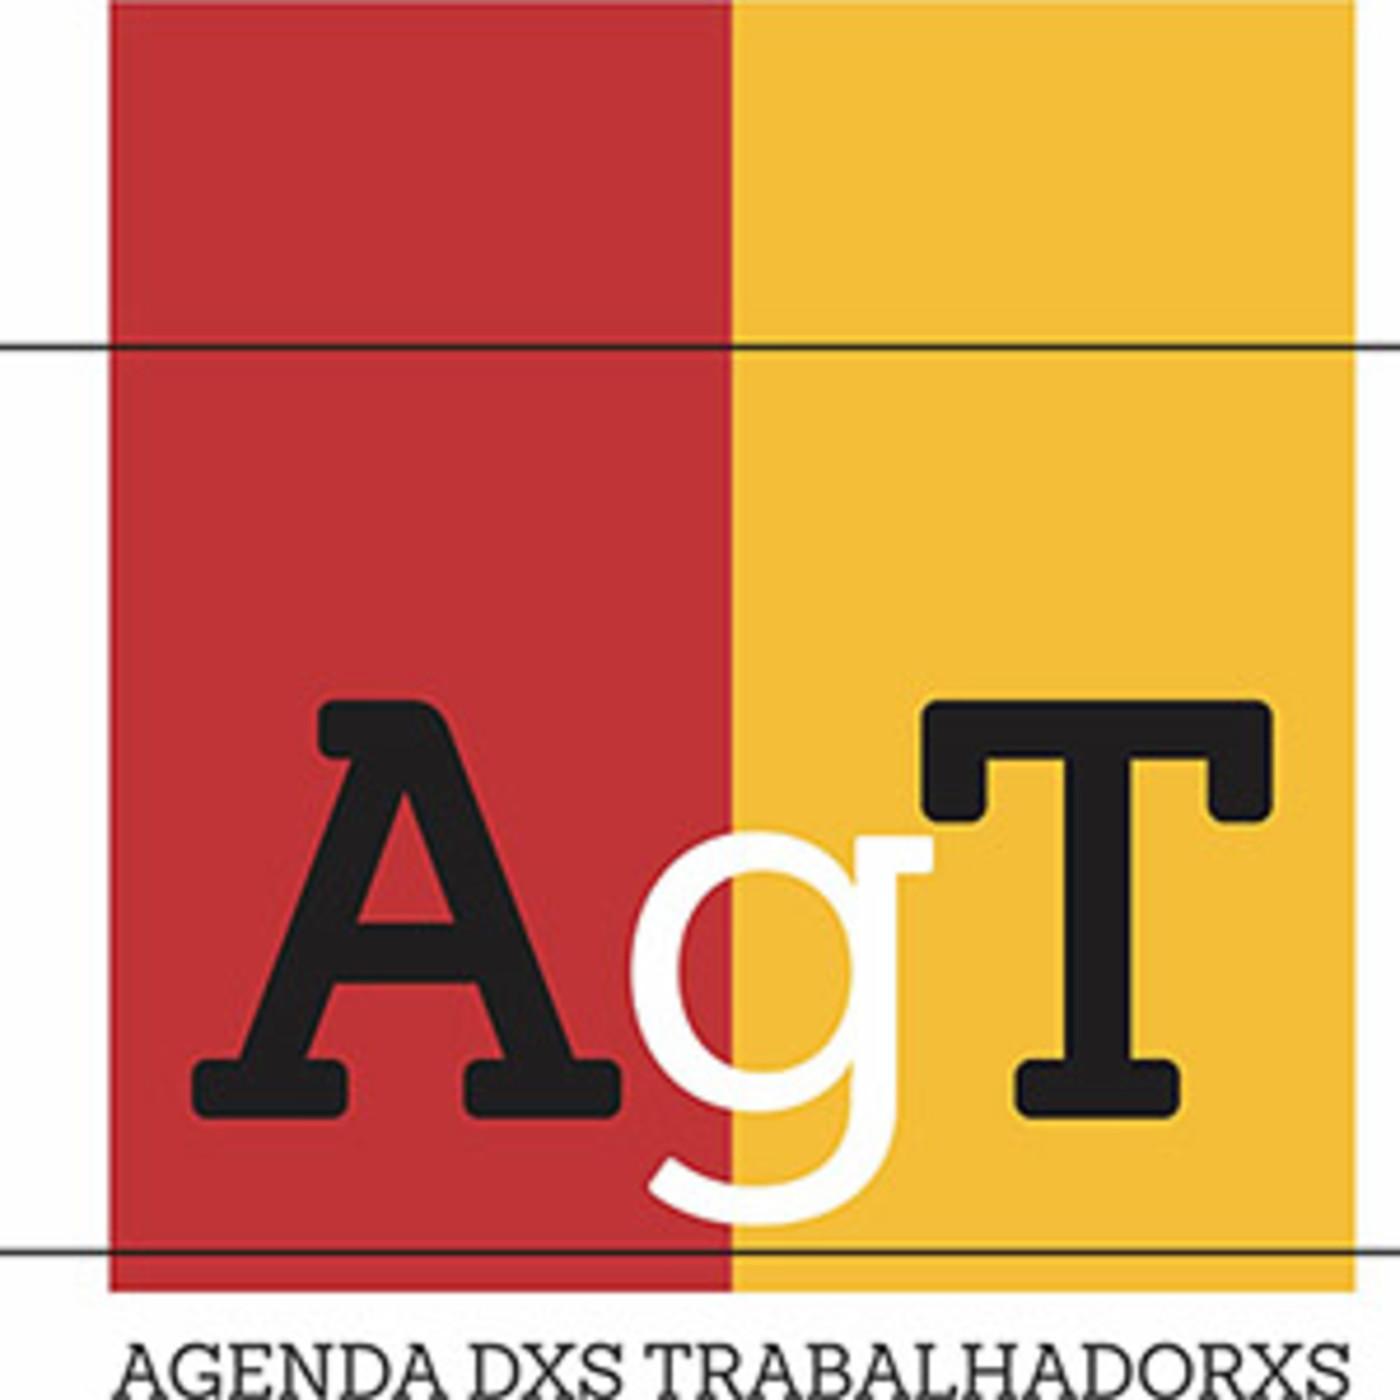 AgendadxsTrabalhadorxs